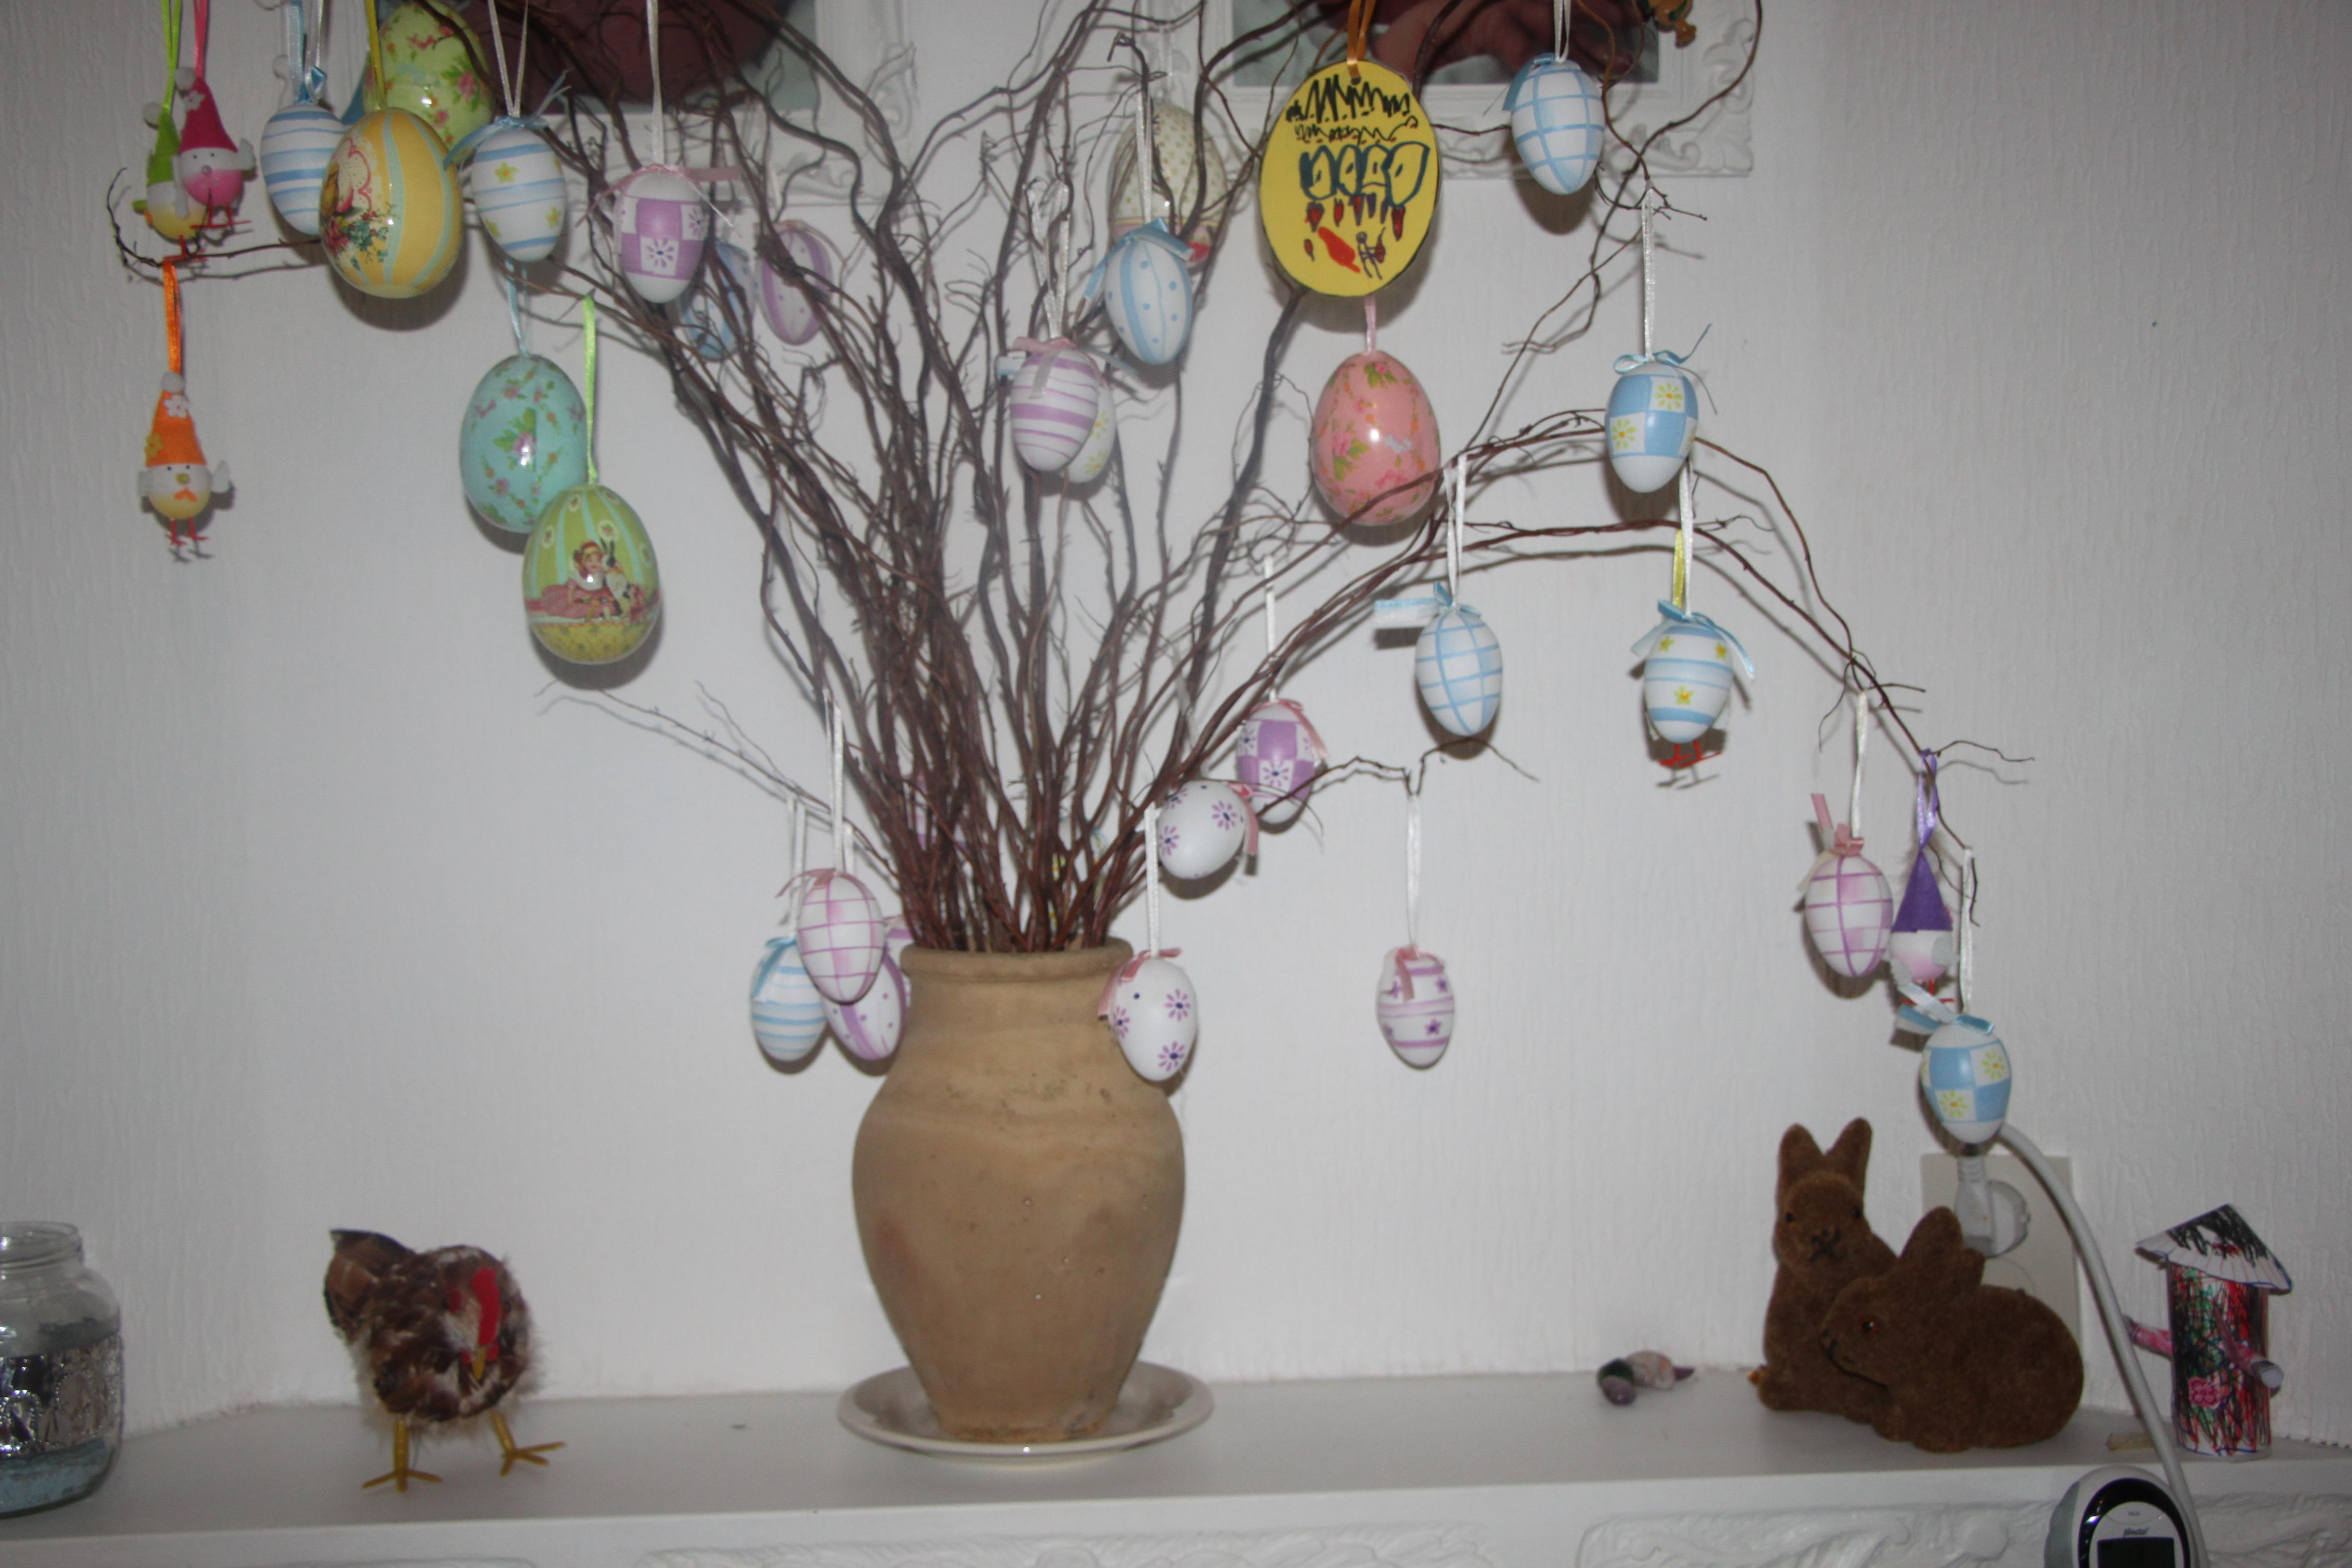 Paas decoratie kaboutertuin - Decoratie afbeelding ...